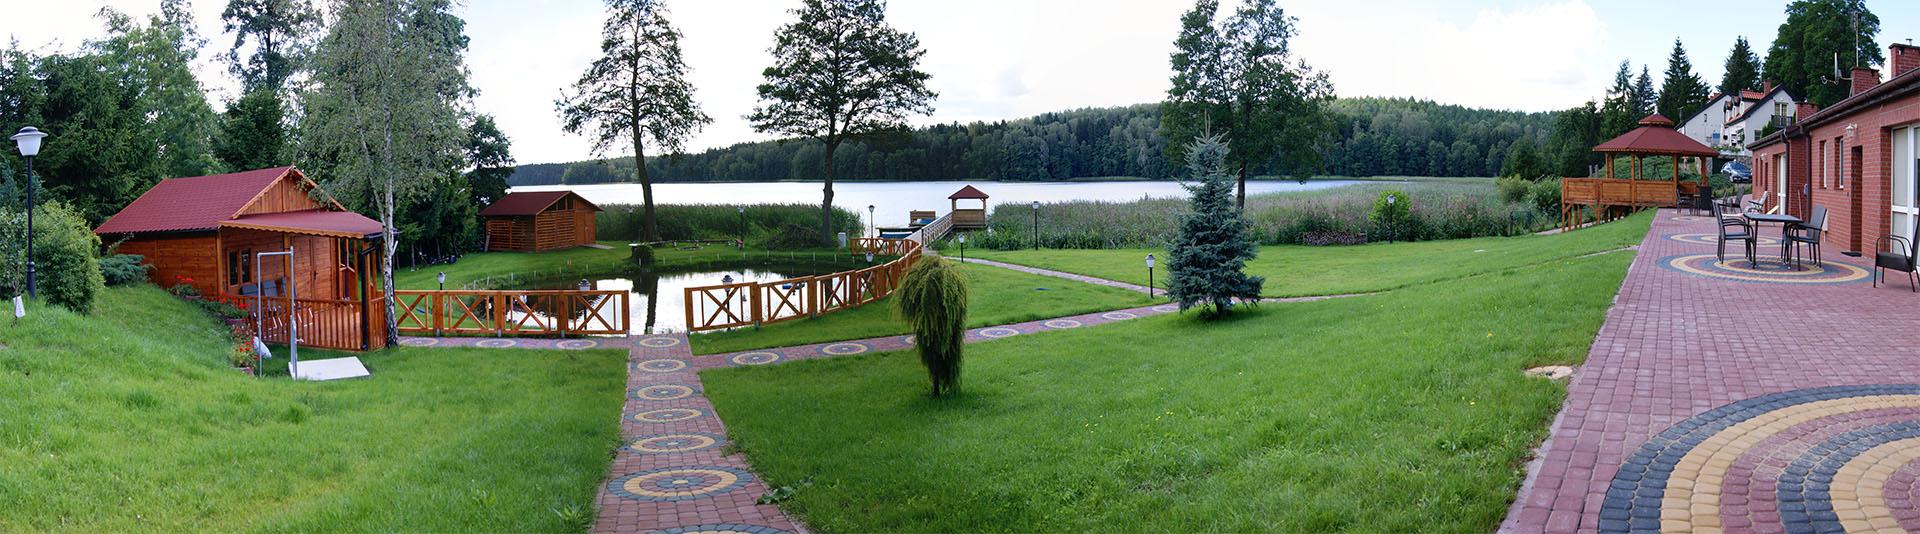 Tumiany_Panorama_9